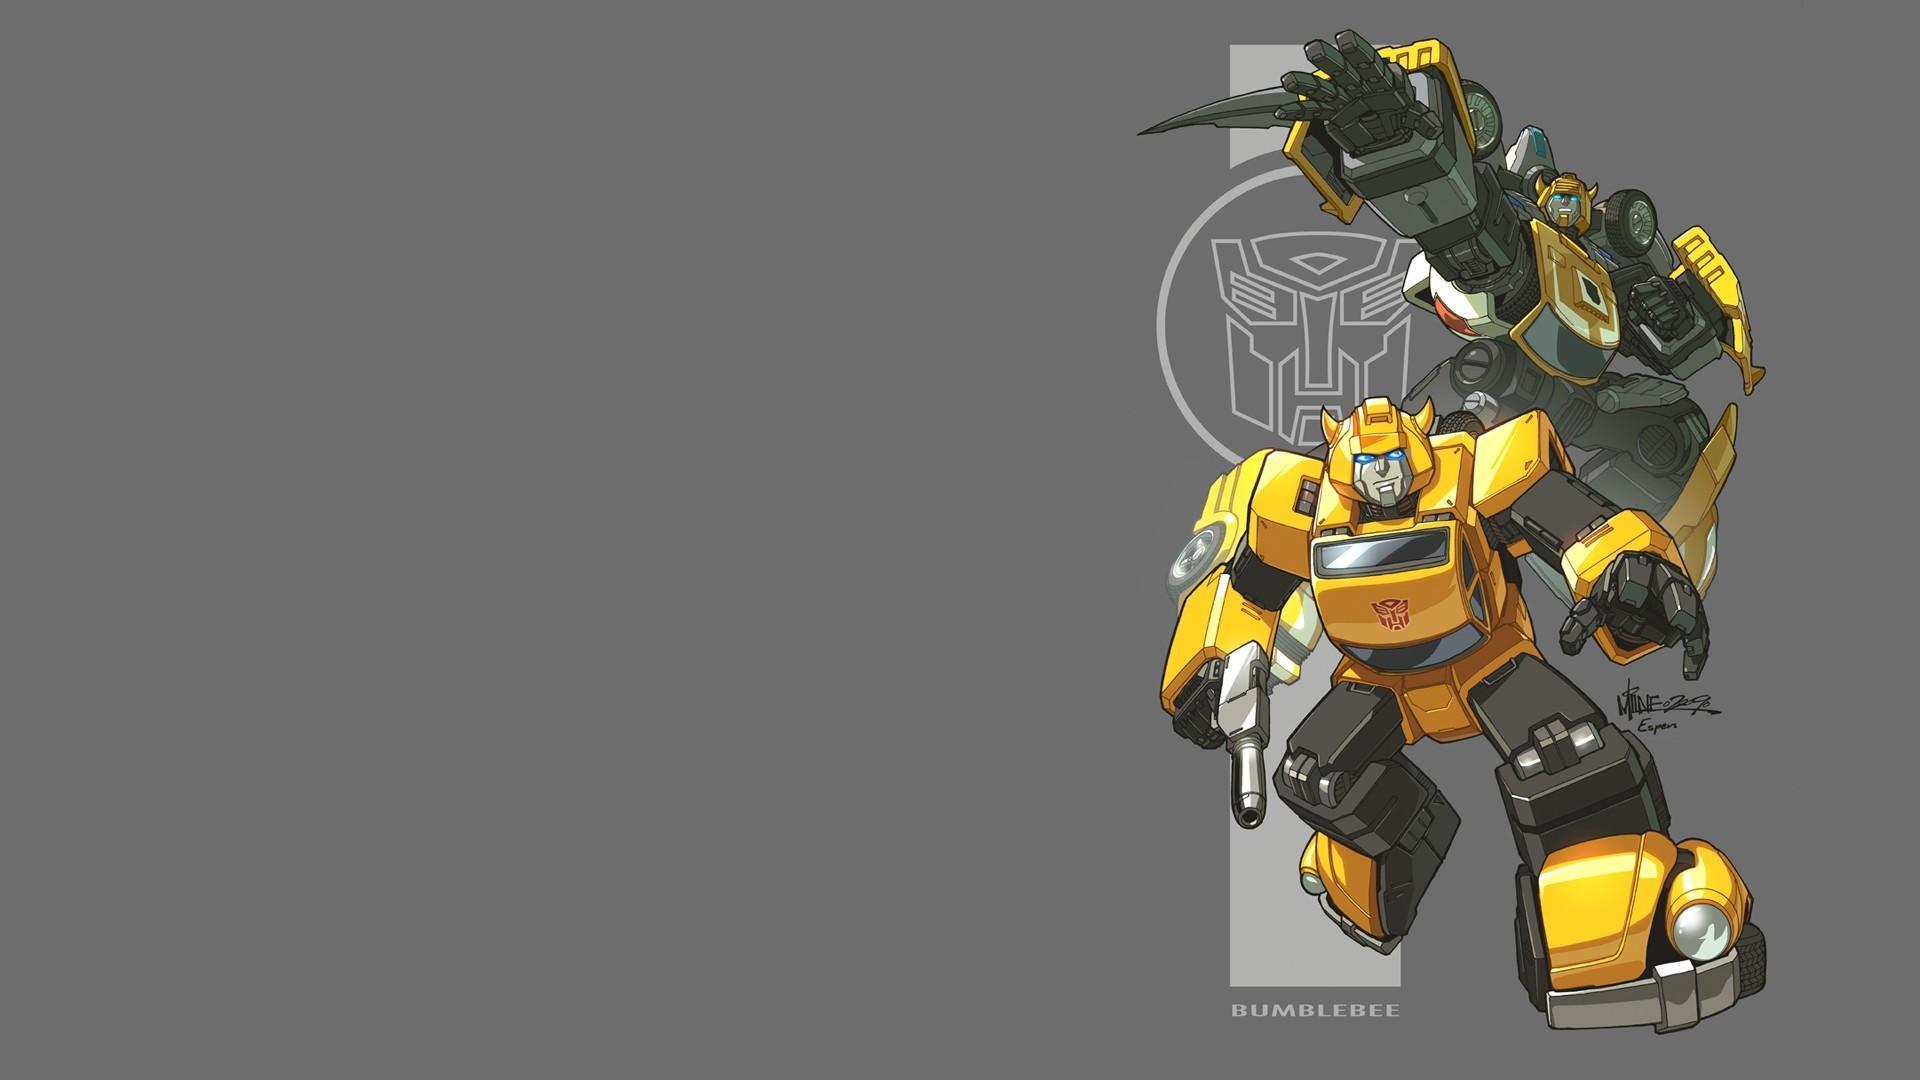 G1 Transformers Wallpaper HD - WallpaperSafari